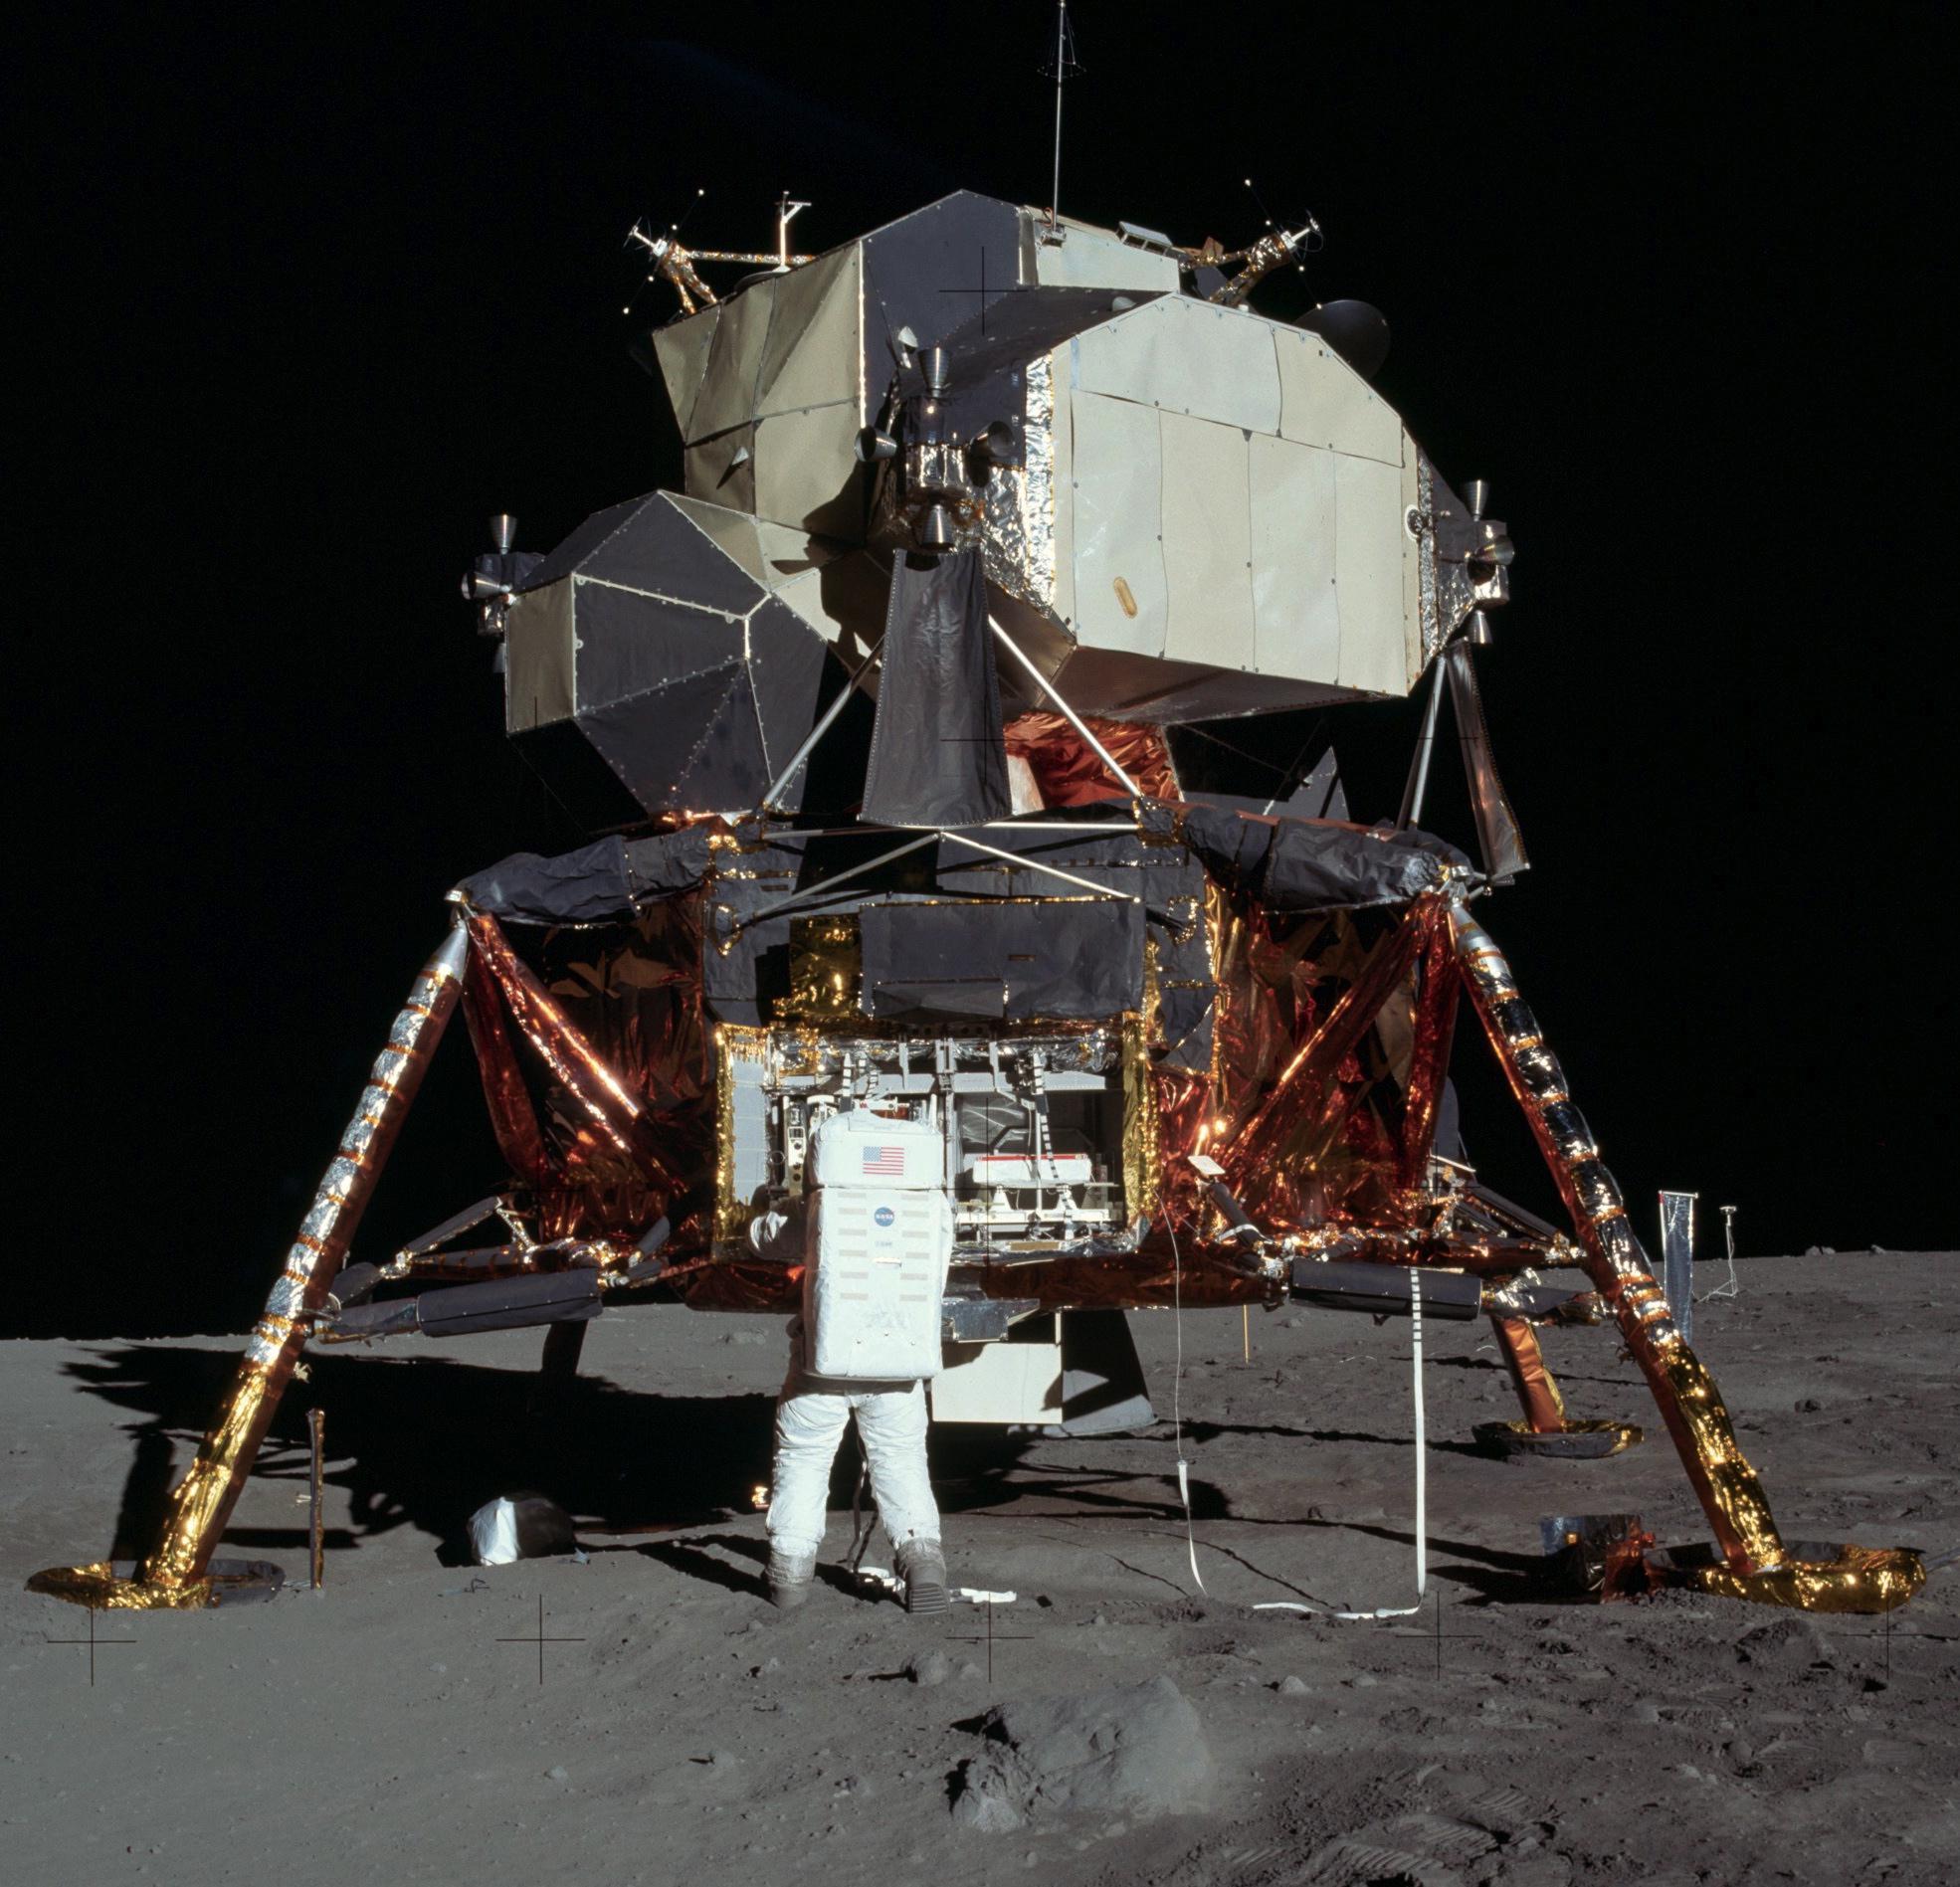 Apollo 11 Lunar Module with Neil Armstrong